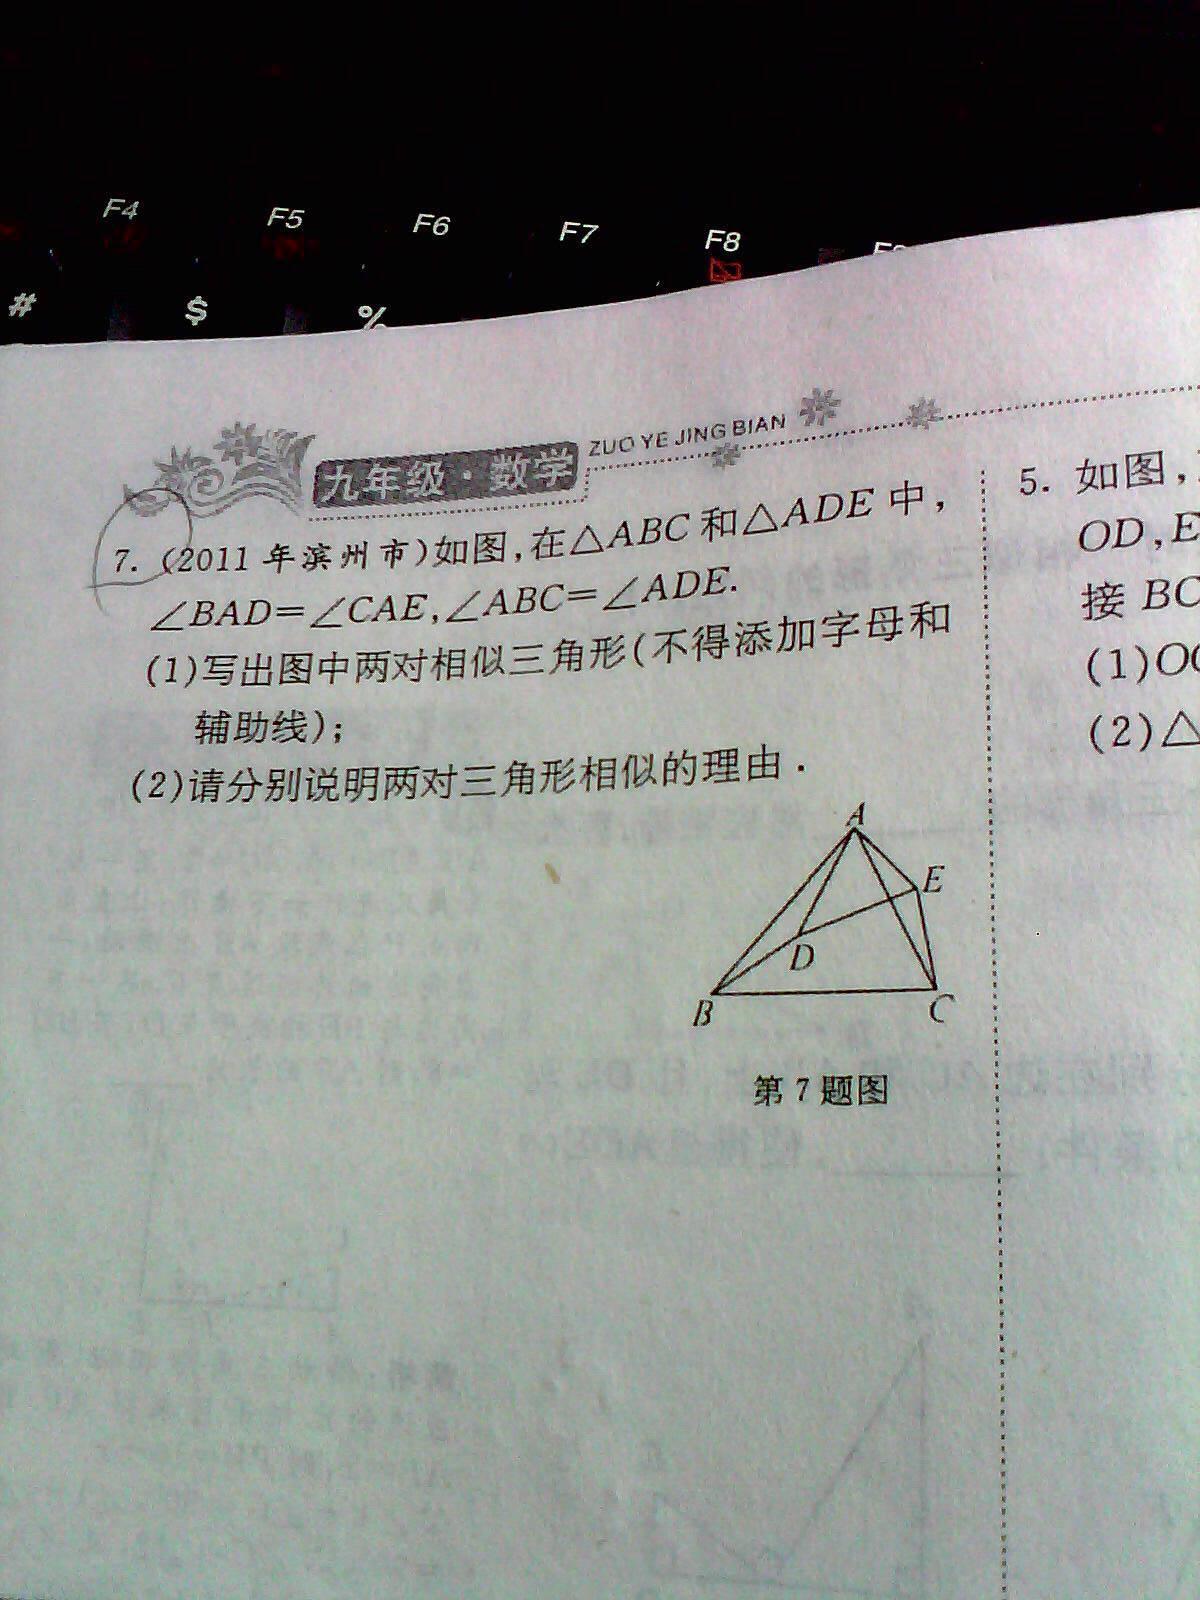 数学证明题_初三数学几何图形的初步认识图片